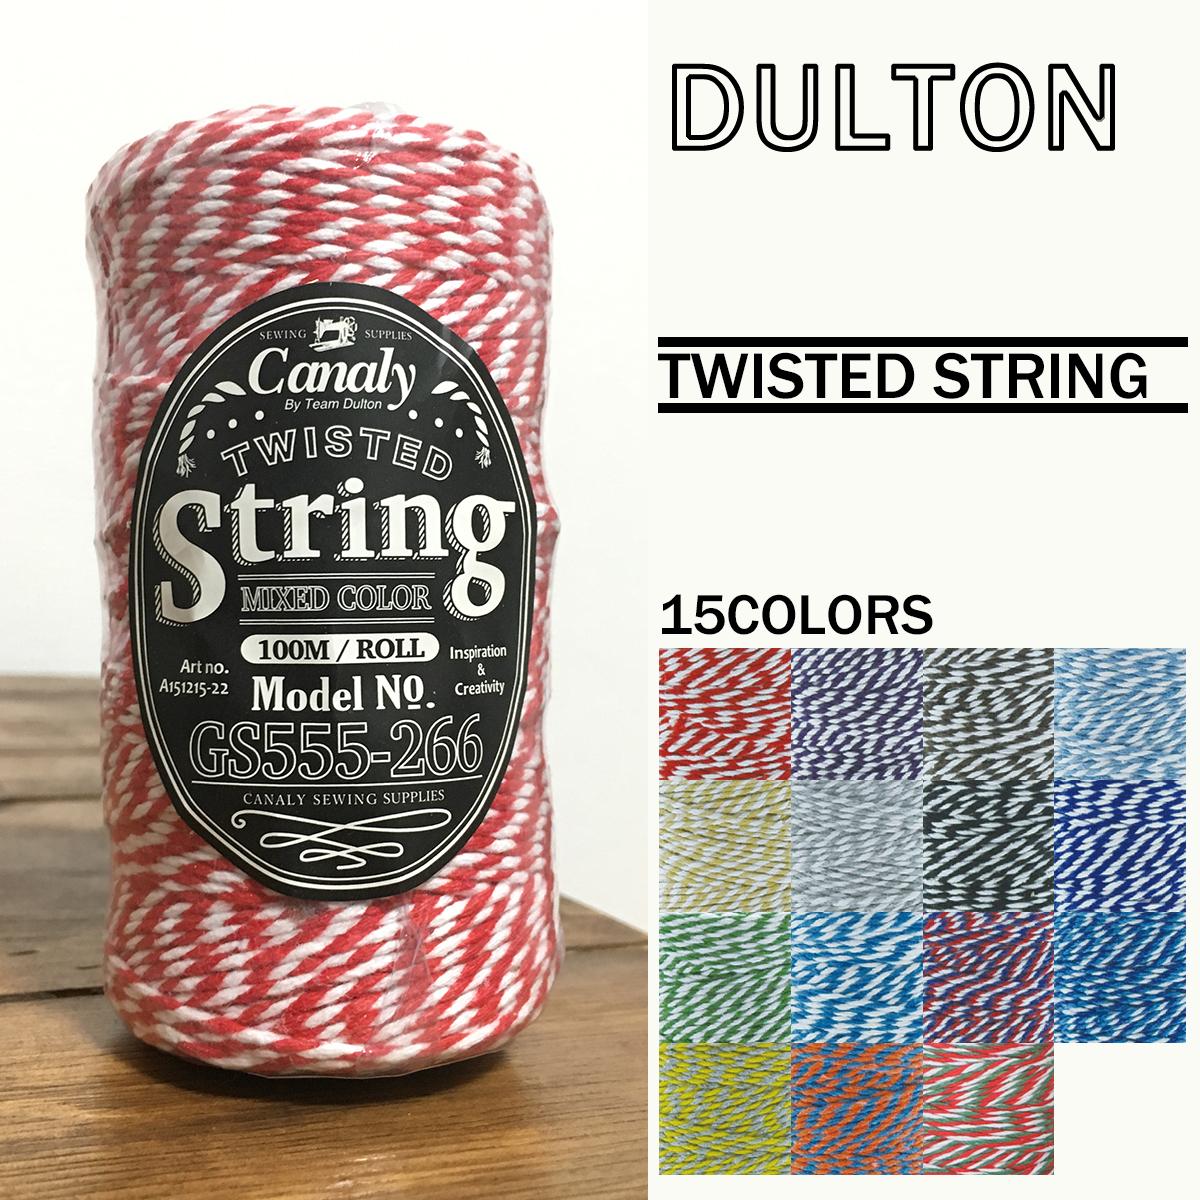 色が織りなすシンプルで奥深い魅力の虜に DULTON ダルトン 新発売 ツイステッド ストリング TWISTED リボン ラッピング STRING GS555-266 お買い得 包装 紐